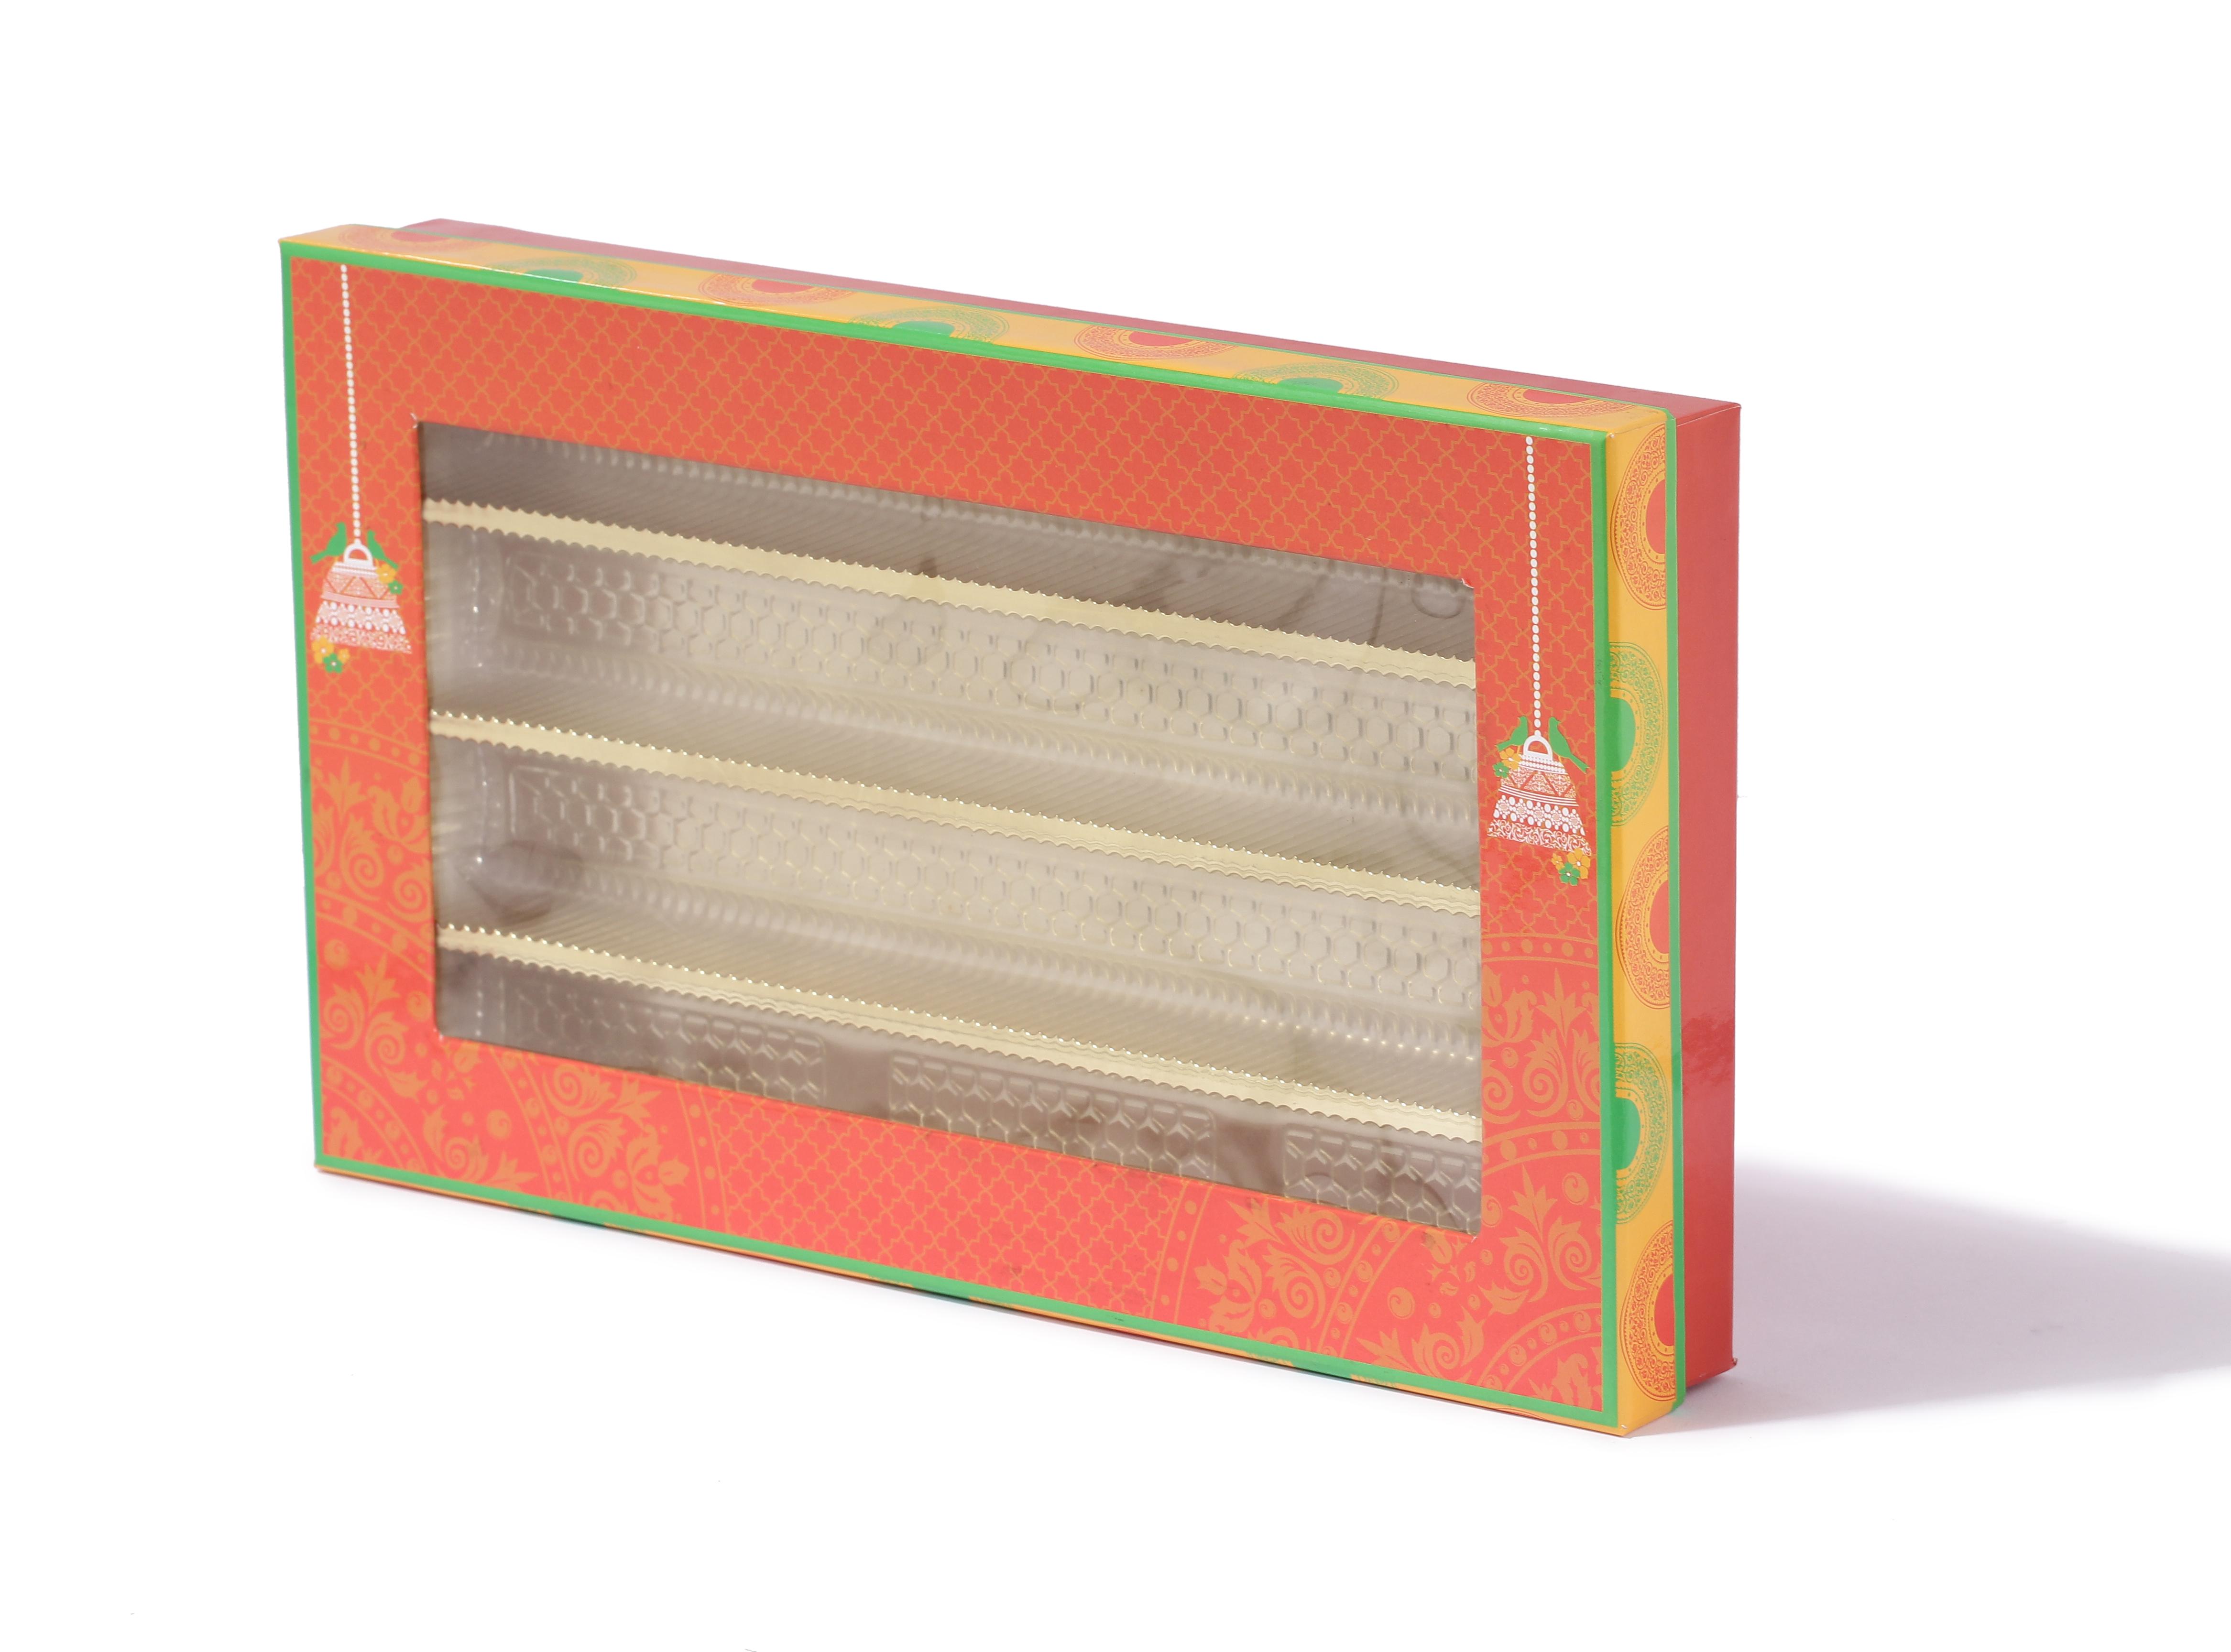 Sanskruti 1/2 kg Wedding Gift Box